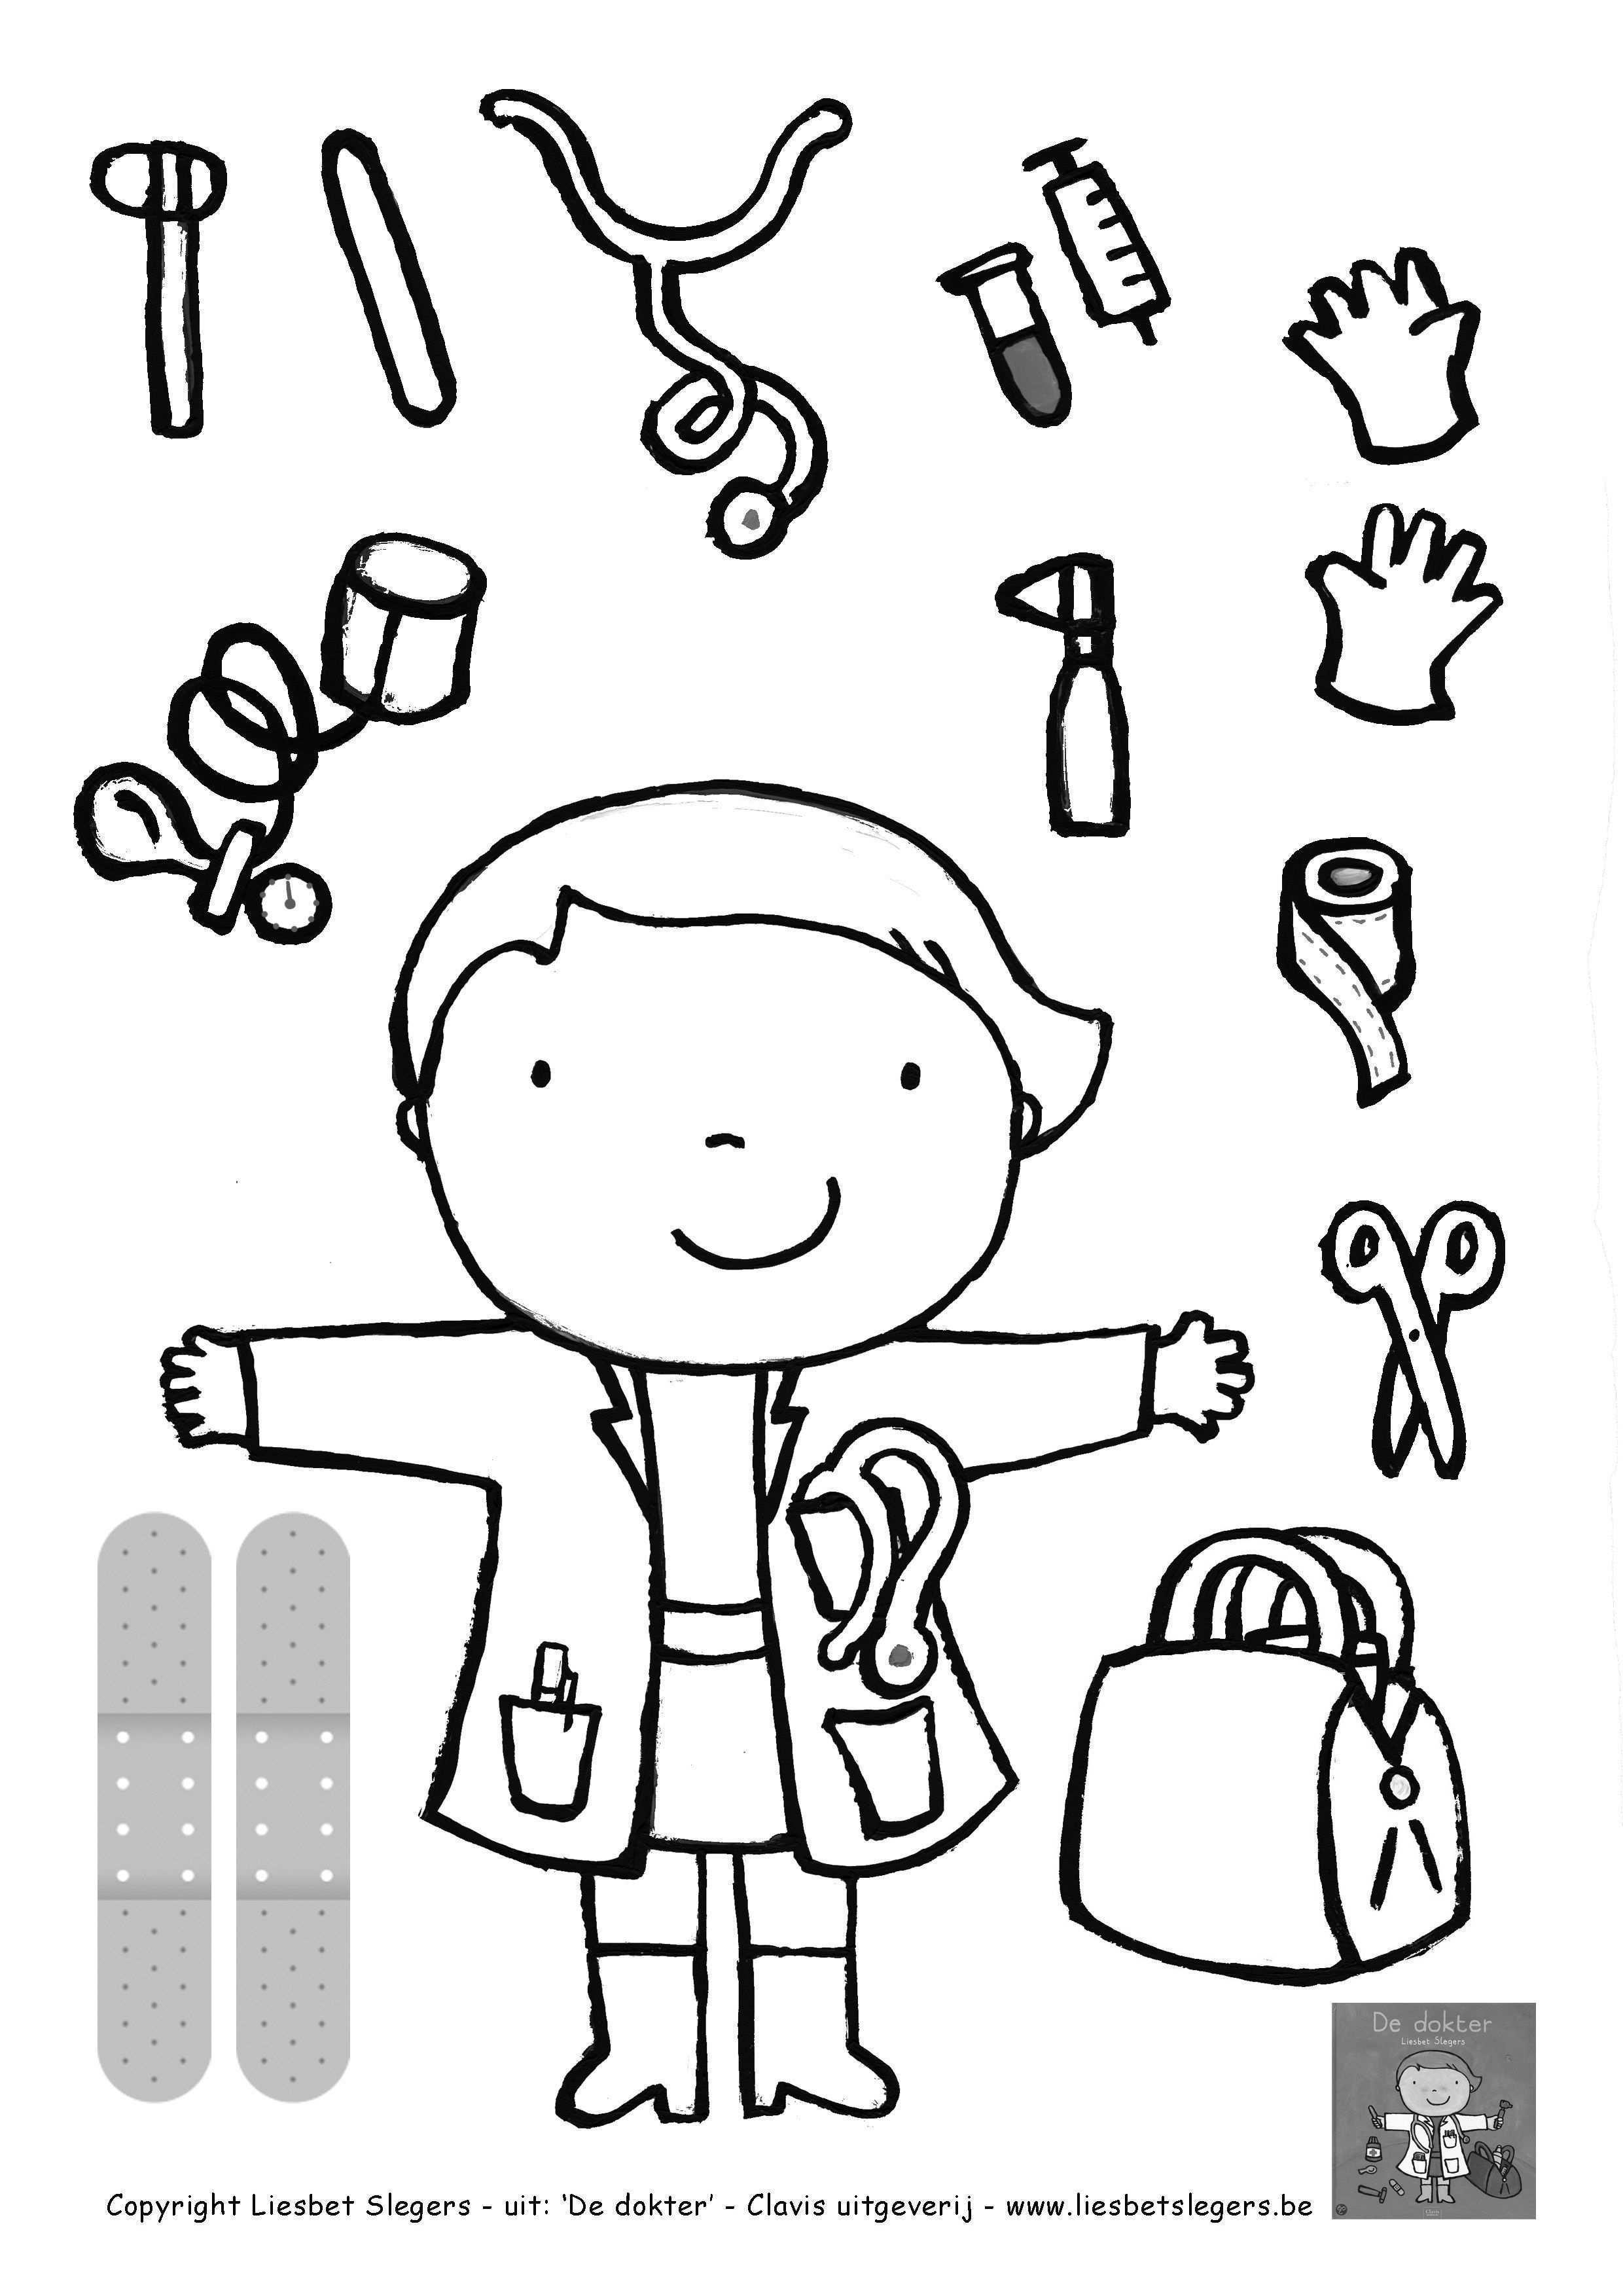 Kleurplaat Dokter Google Zoeken Kern 2 Vllezen Pinterest Idee Kleurplaat Ziek Zijn 20 Idee Kleurplaat Ziek Zi Thema Knutselen Thema Ziek Zijn Kleurplaten